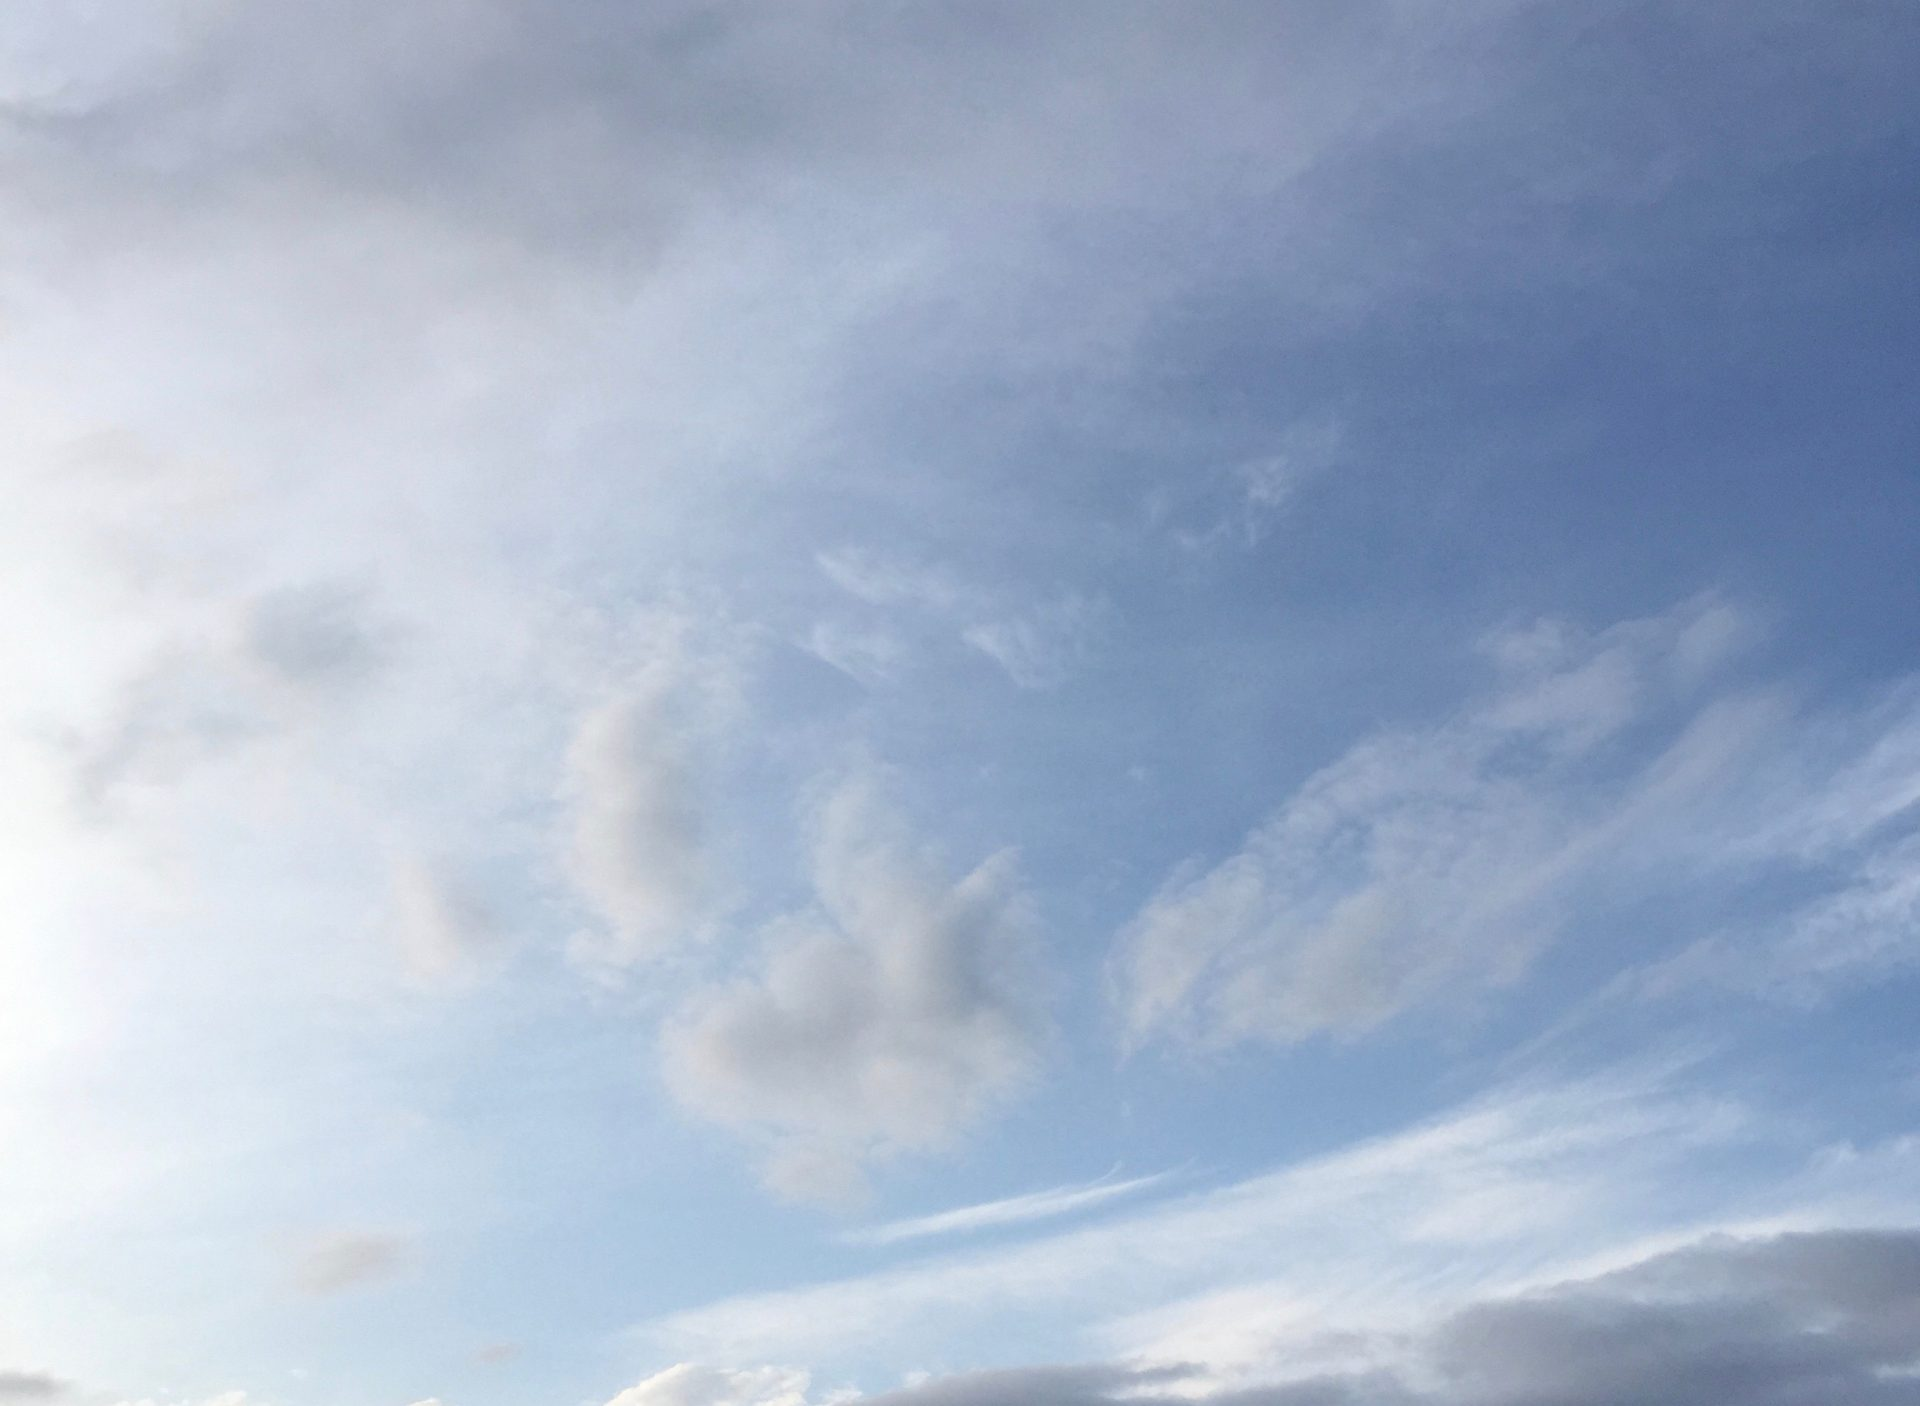 様々な雲が散る空